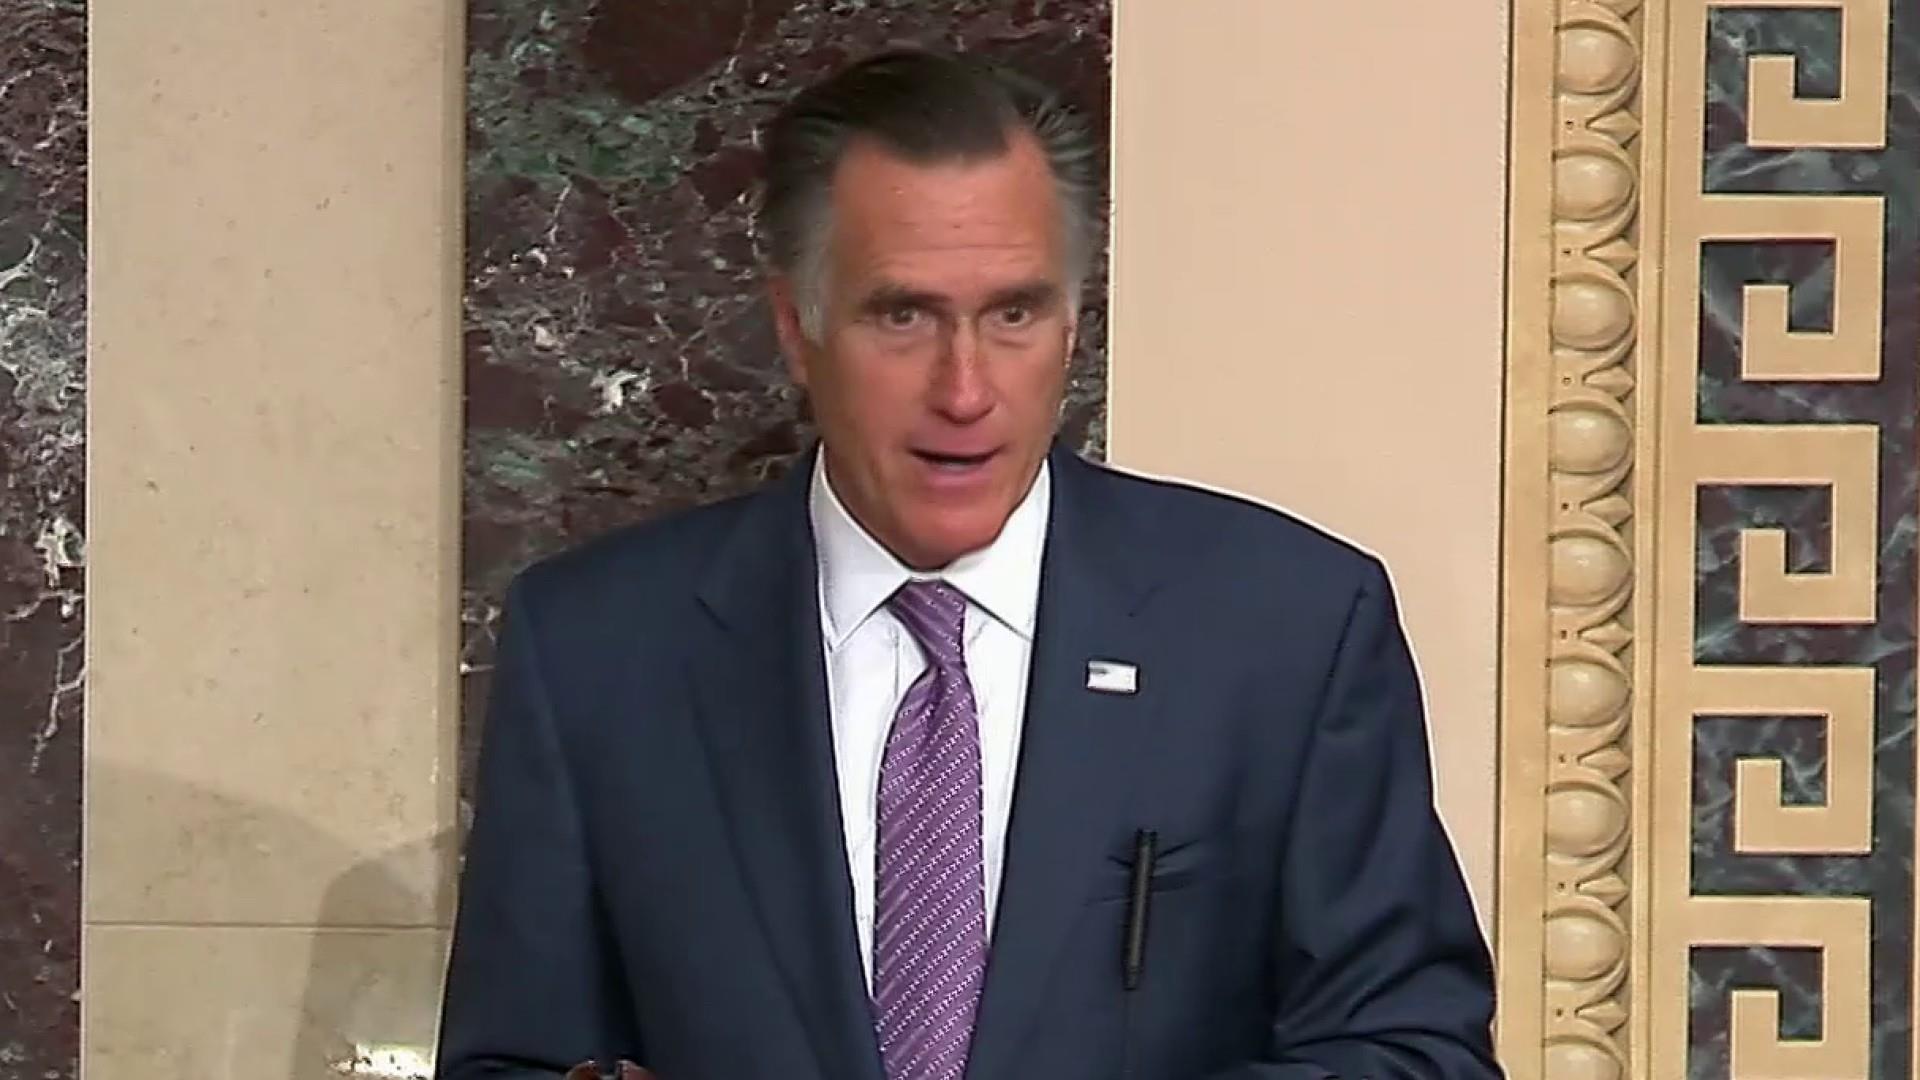 Romney Speaks Out